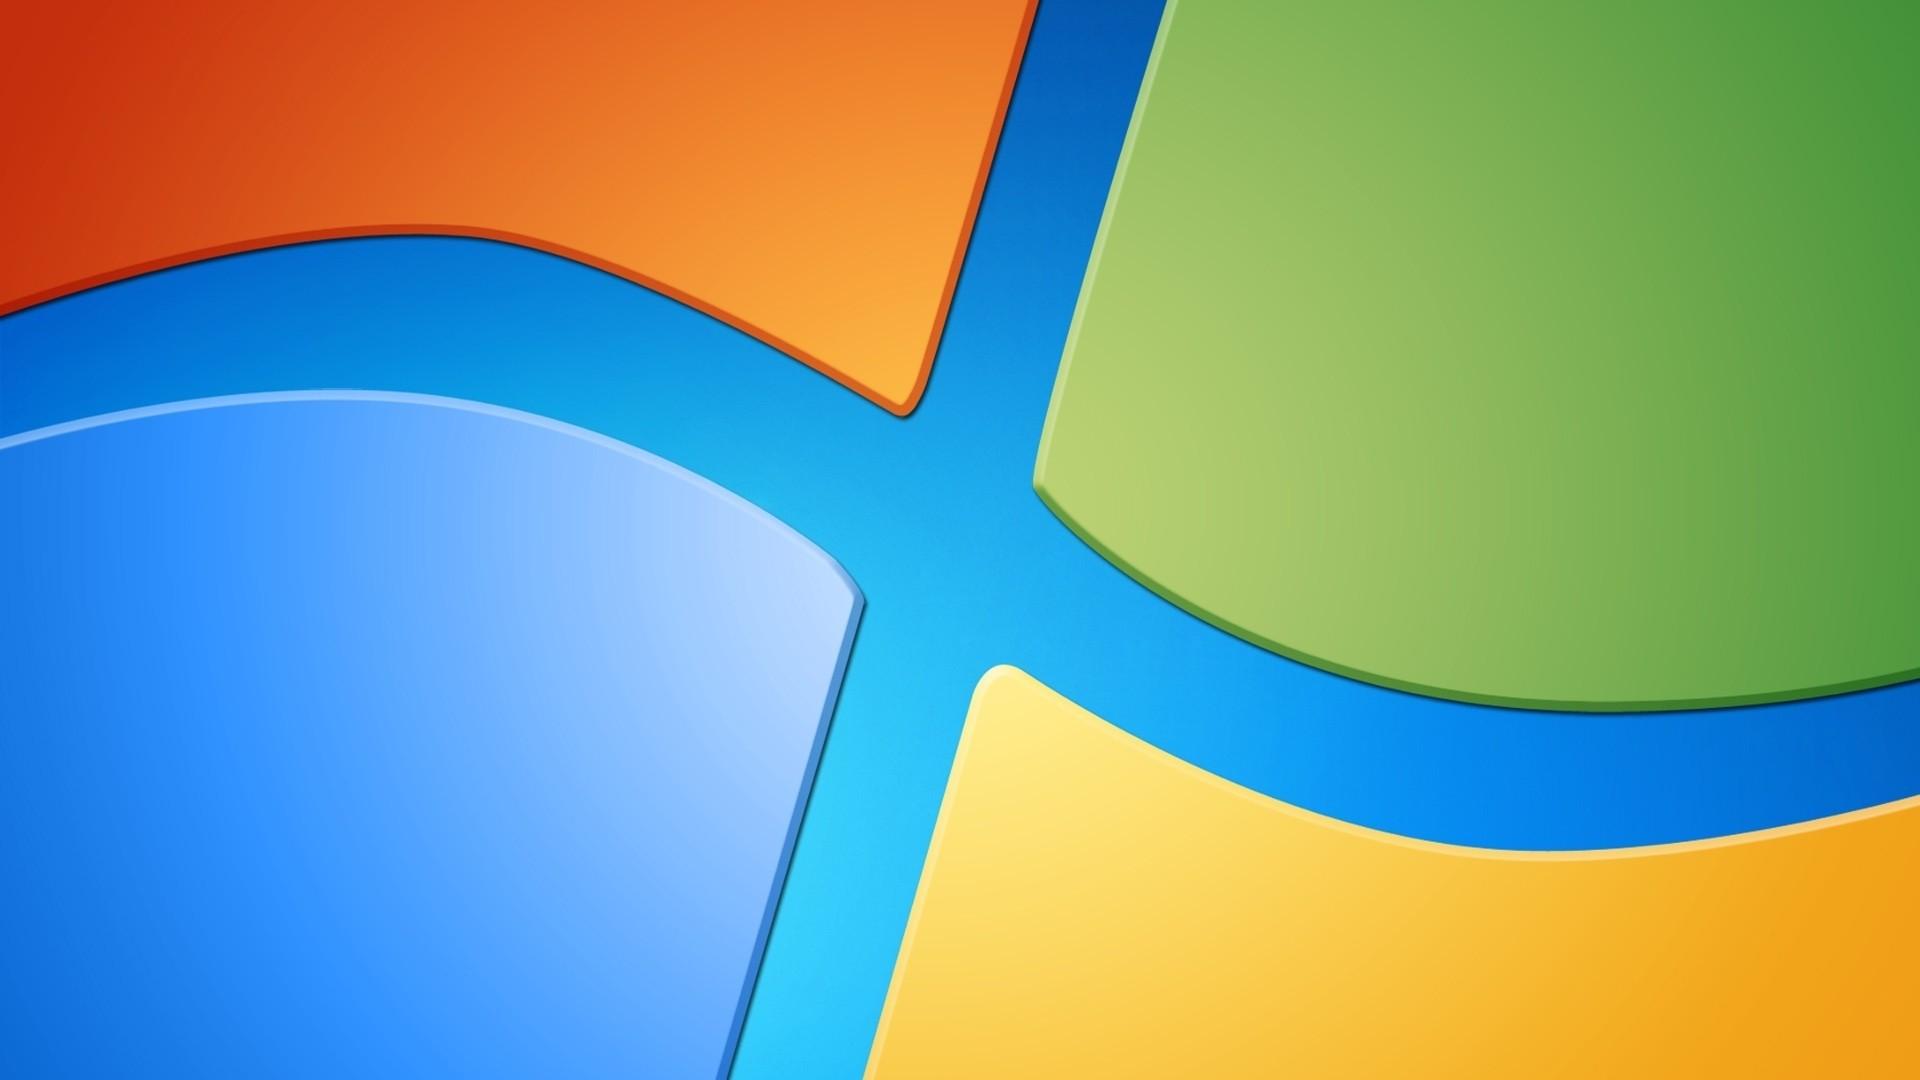 Microsoft Wallpaper Picture hd